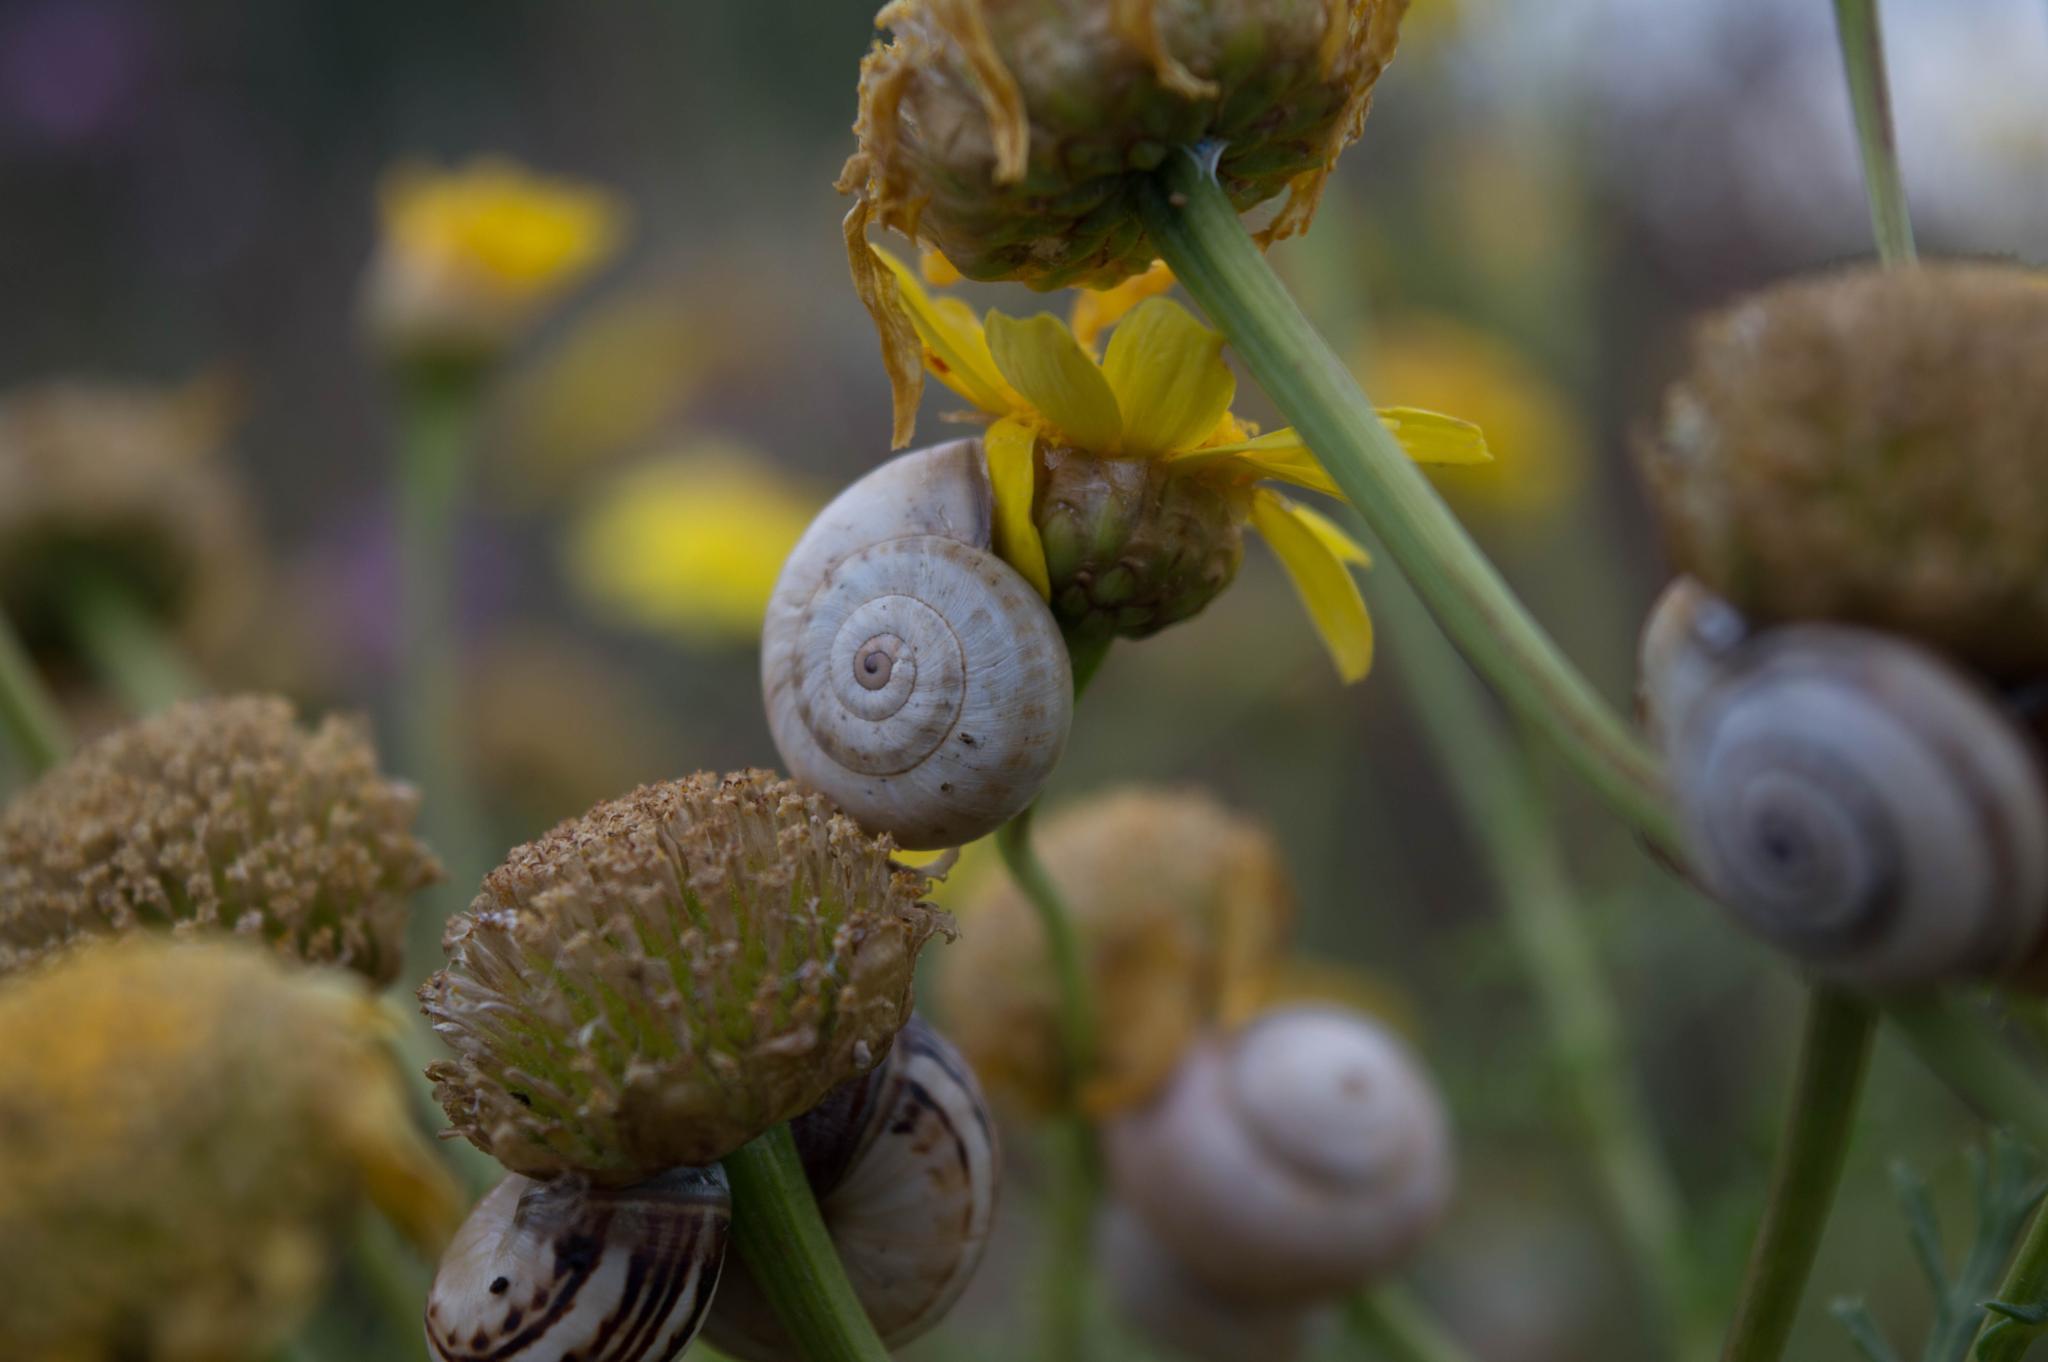 Snail by Deeno